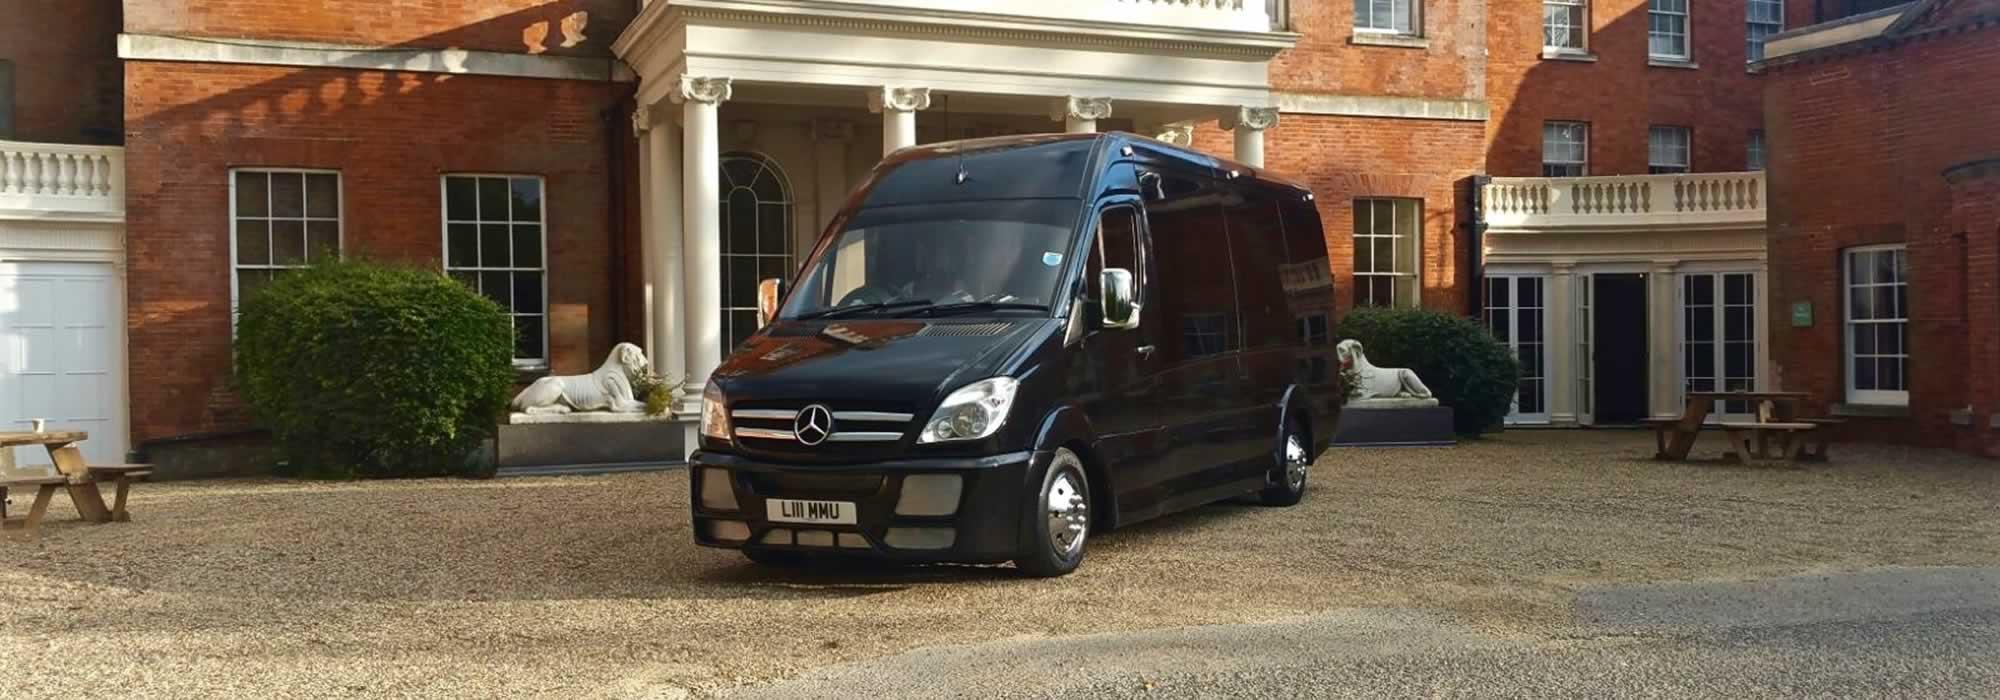 Black Mercedes party bus hire London